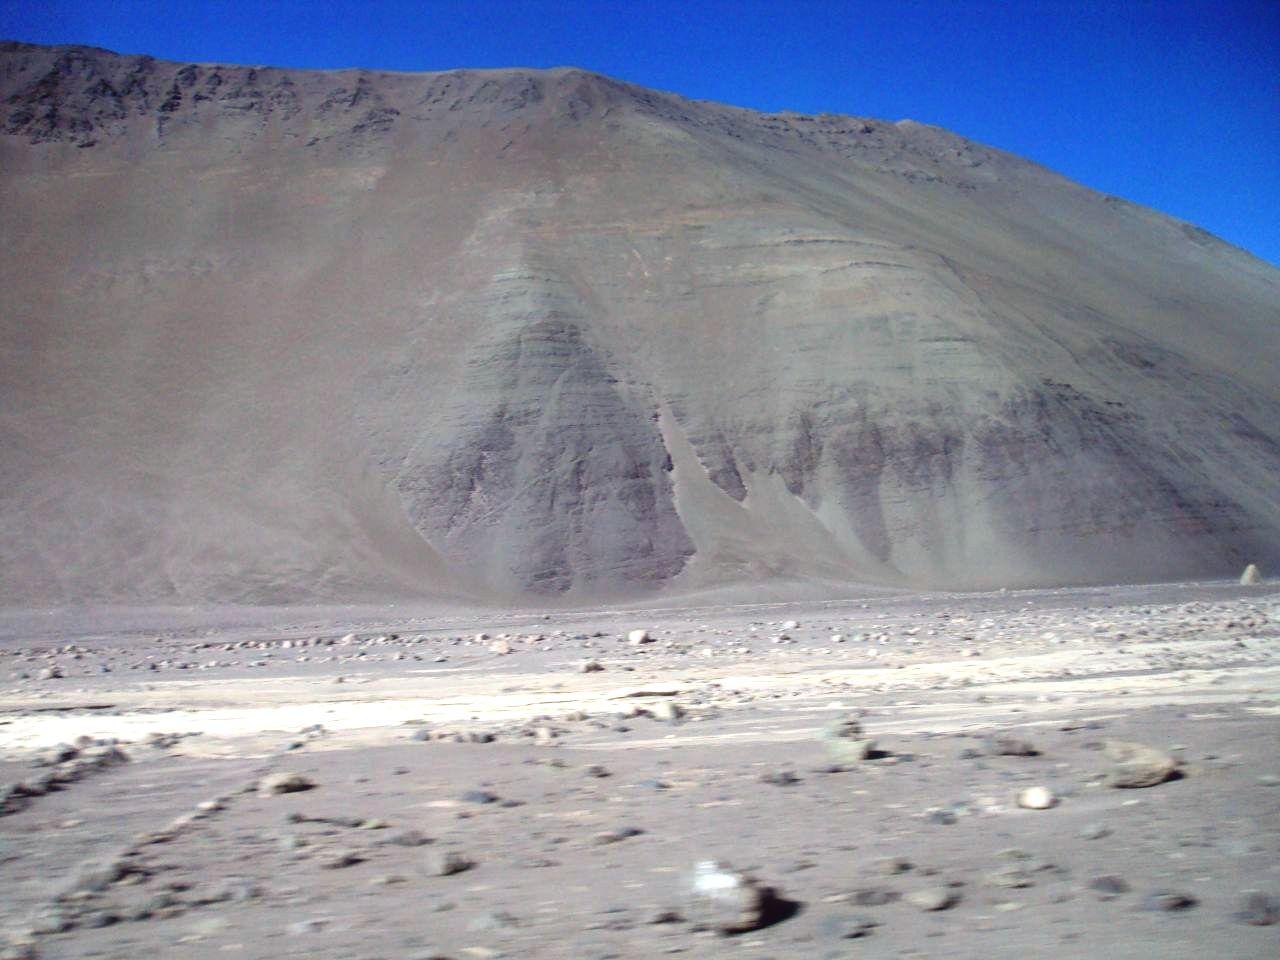 ナスカ付近の単調な砂漠の山。